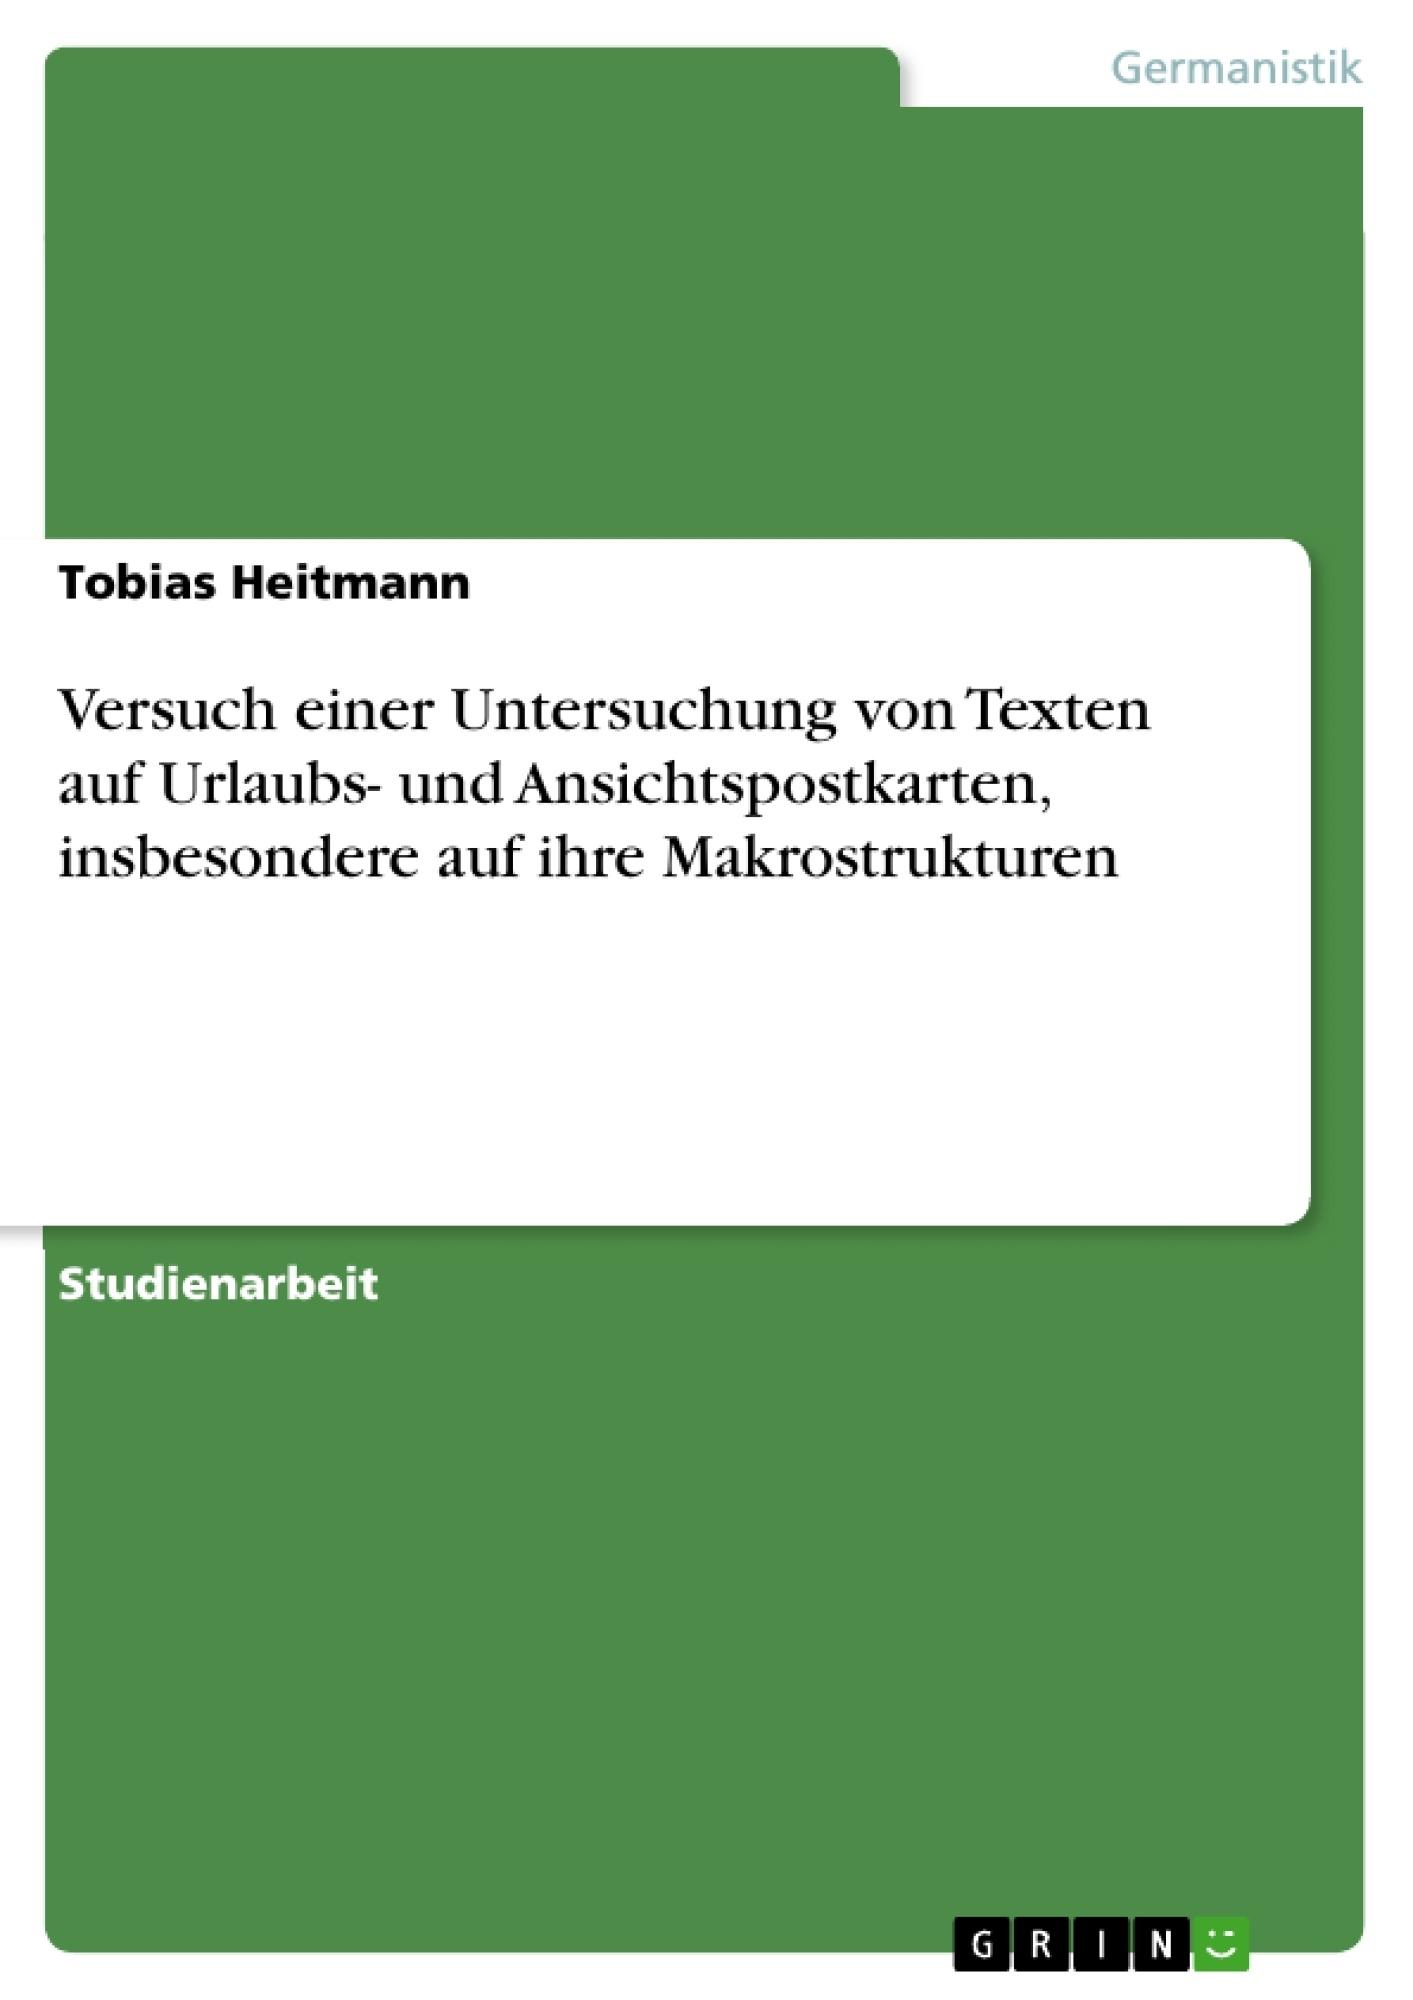 Titel: Versuch einer Untersuchung von Texten auf Urlaubs- und Ansichtspostkarten, insbesondere auf ihre Makrostrukturen